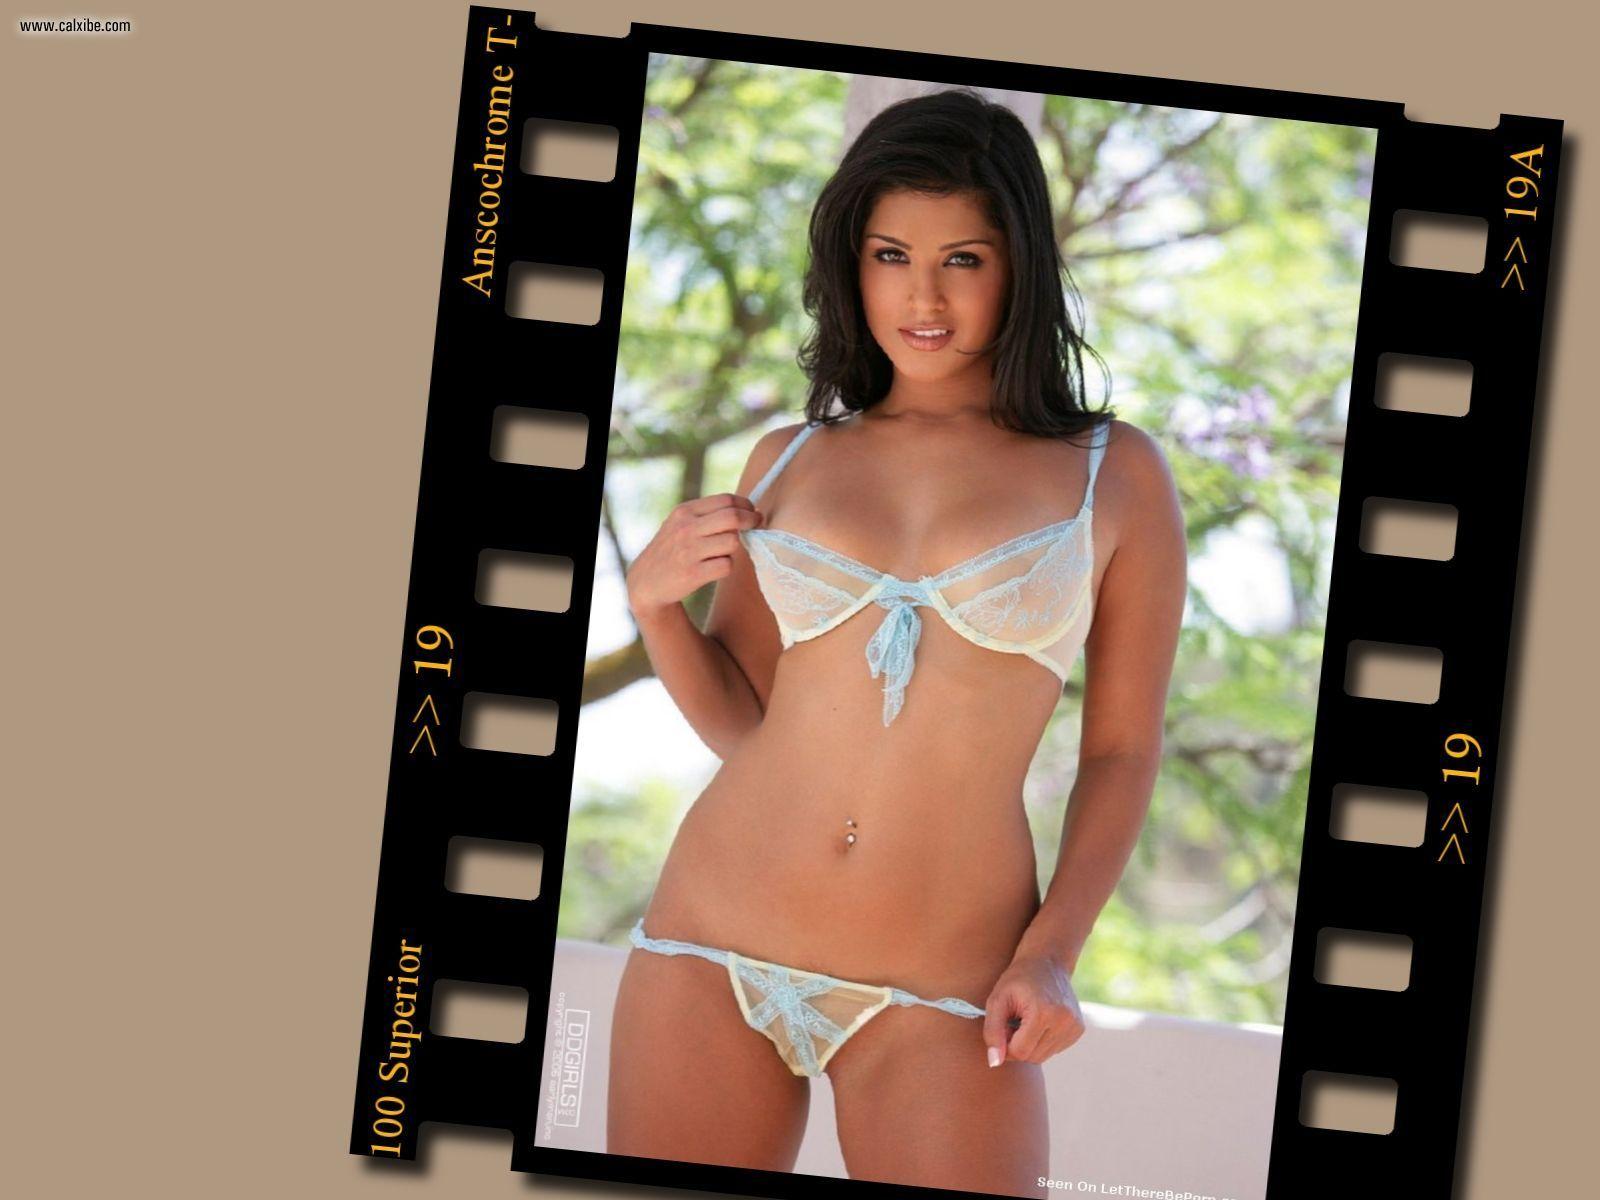 http://1.bp.blogspot.com/-EJiK5zG1DAI/T5J35QGL5hI/AAAAAAAAAf0/ar9TWDISx7I/s1600/sunny_leone_20061211_0001.jpg